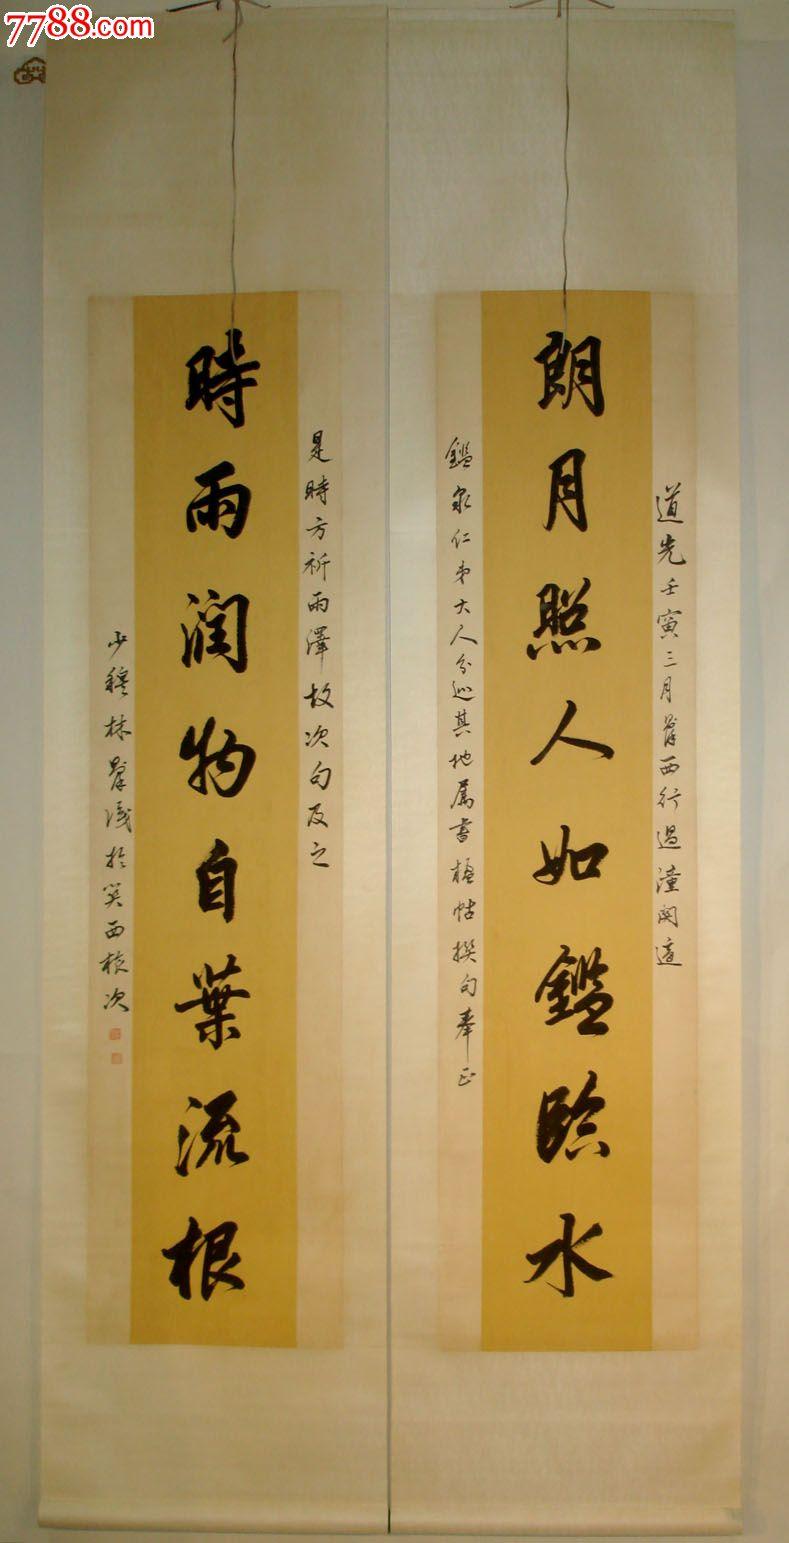 著名书画家【林则徐】书法行书四尺对联已裱立轴